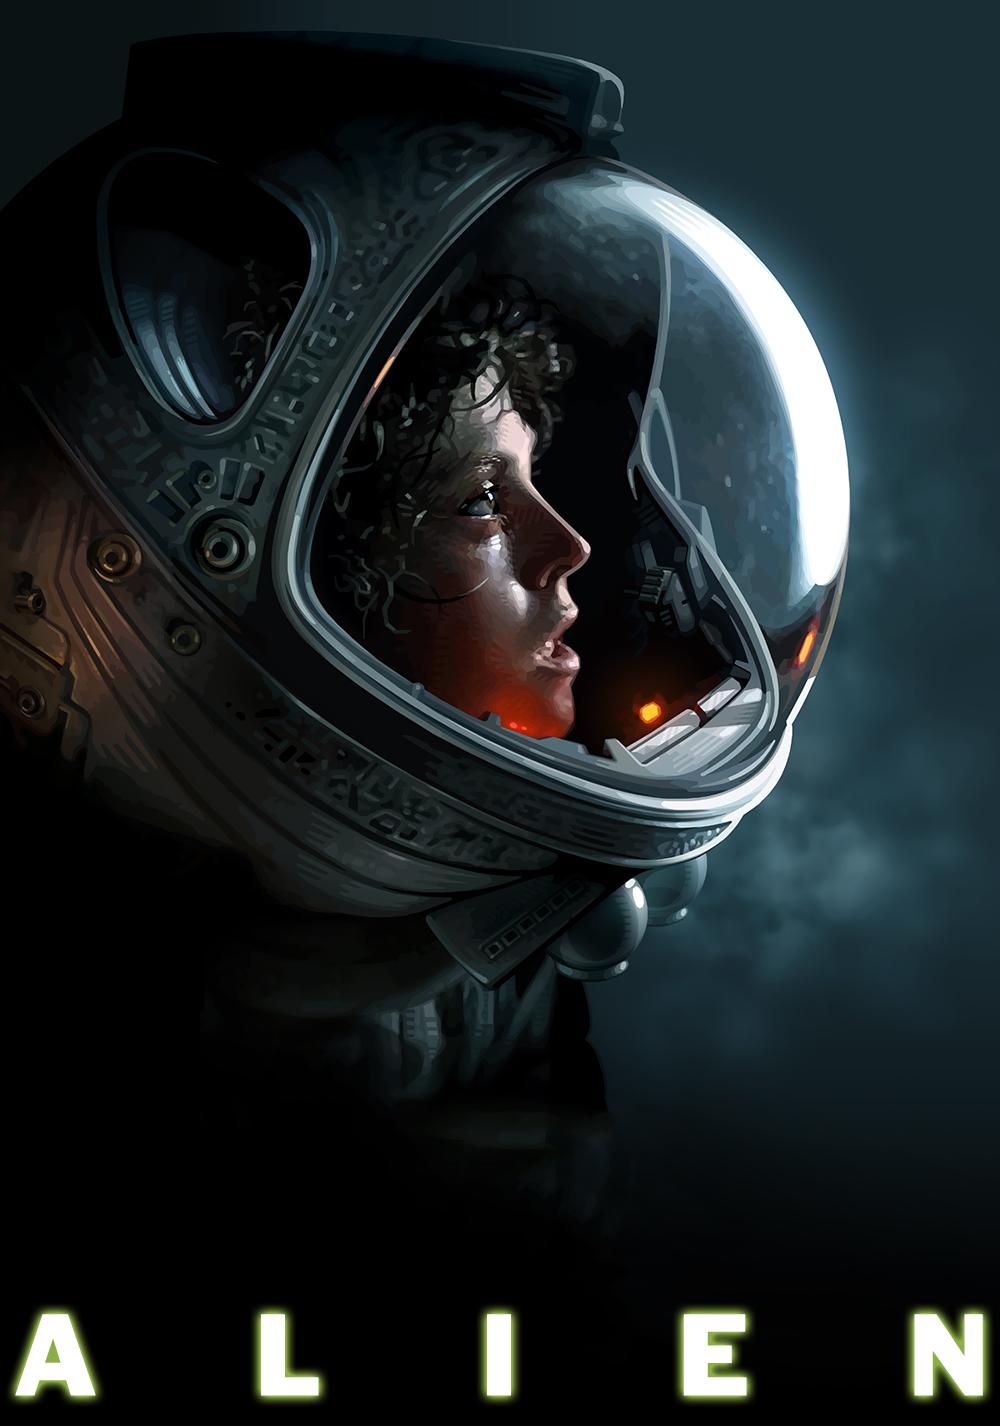 alien movie fanart fanarttv